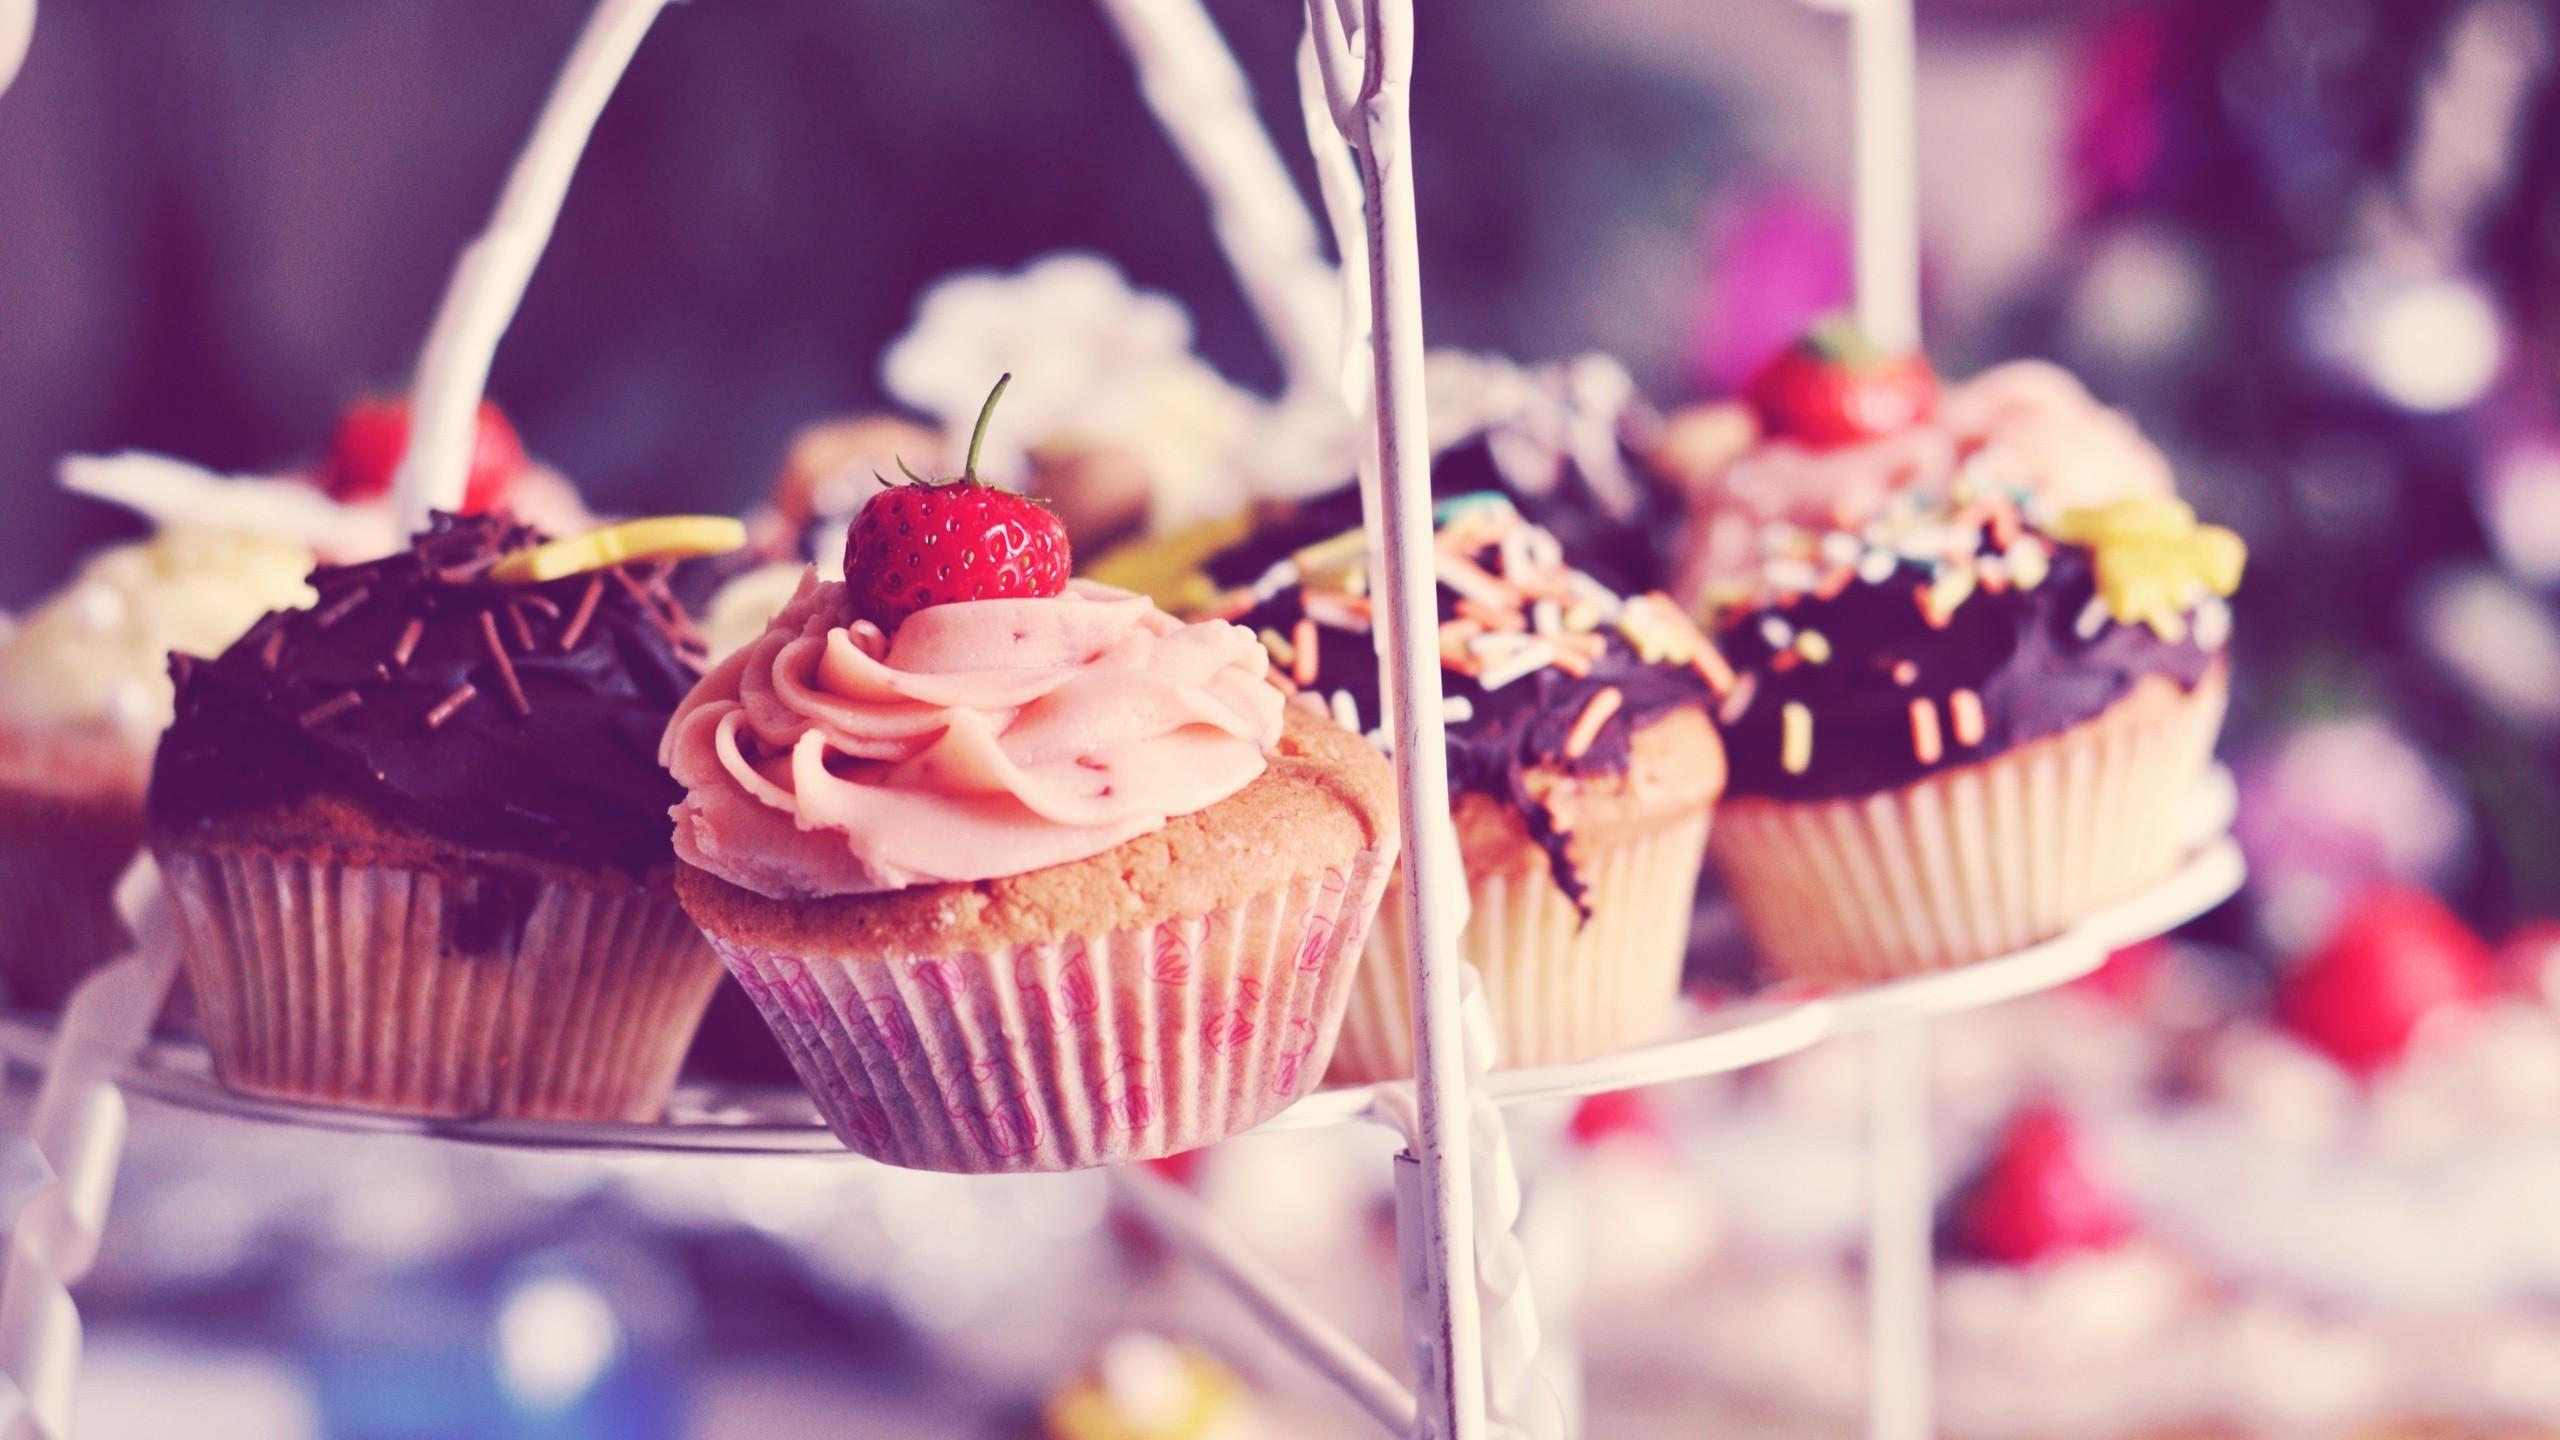 Res: 2560x1440, Cupcake Wallpaper